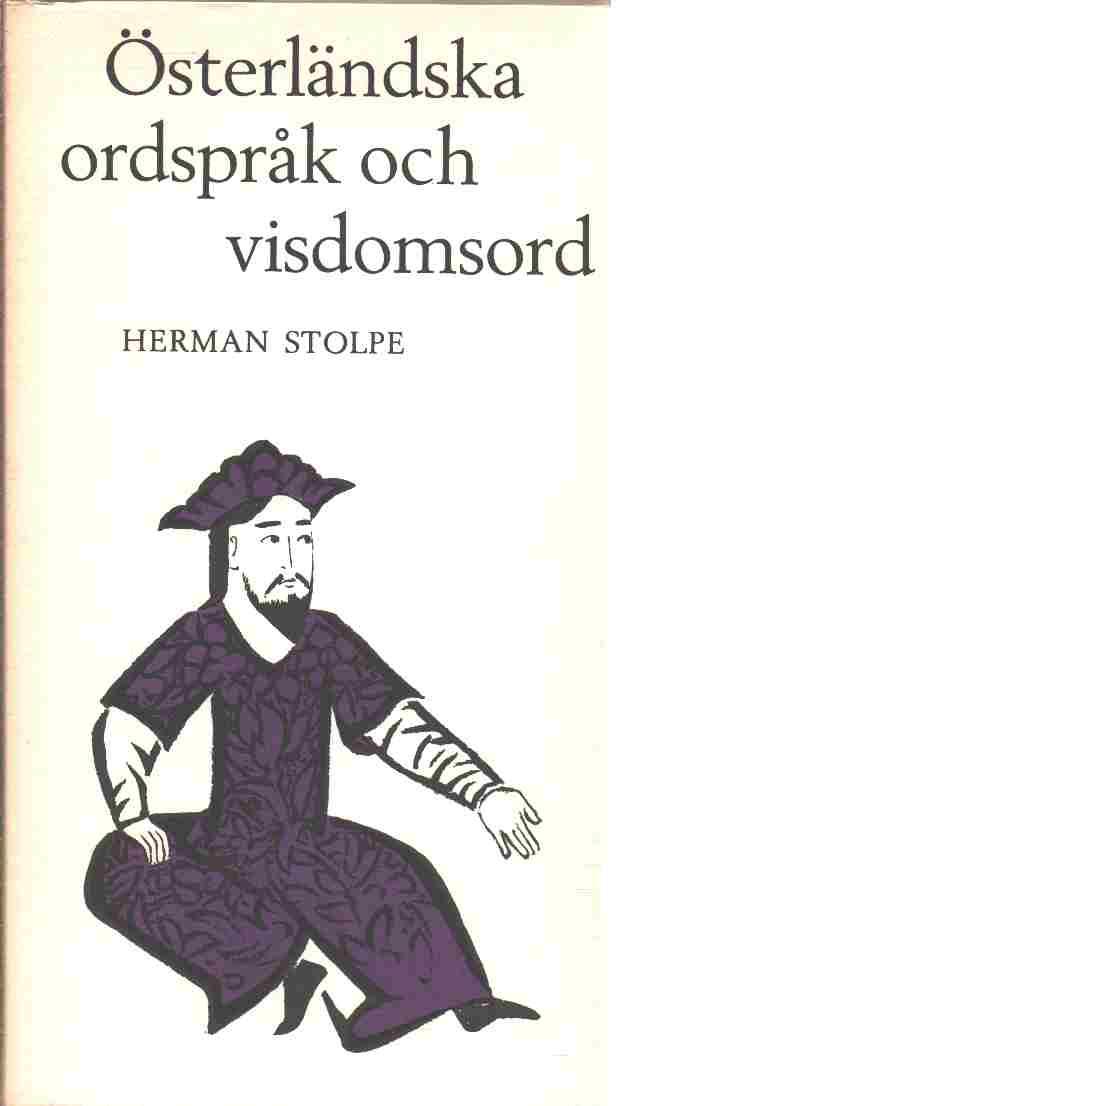 Österländska ordspråk och visdomsord - Red. Stolpe, Herman